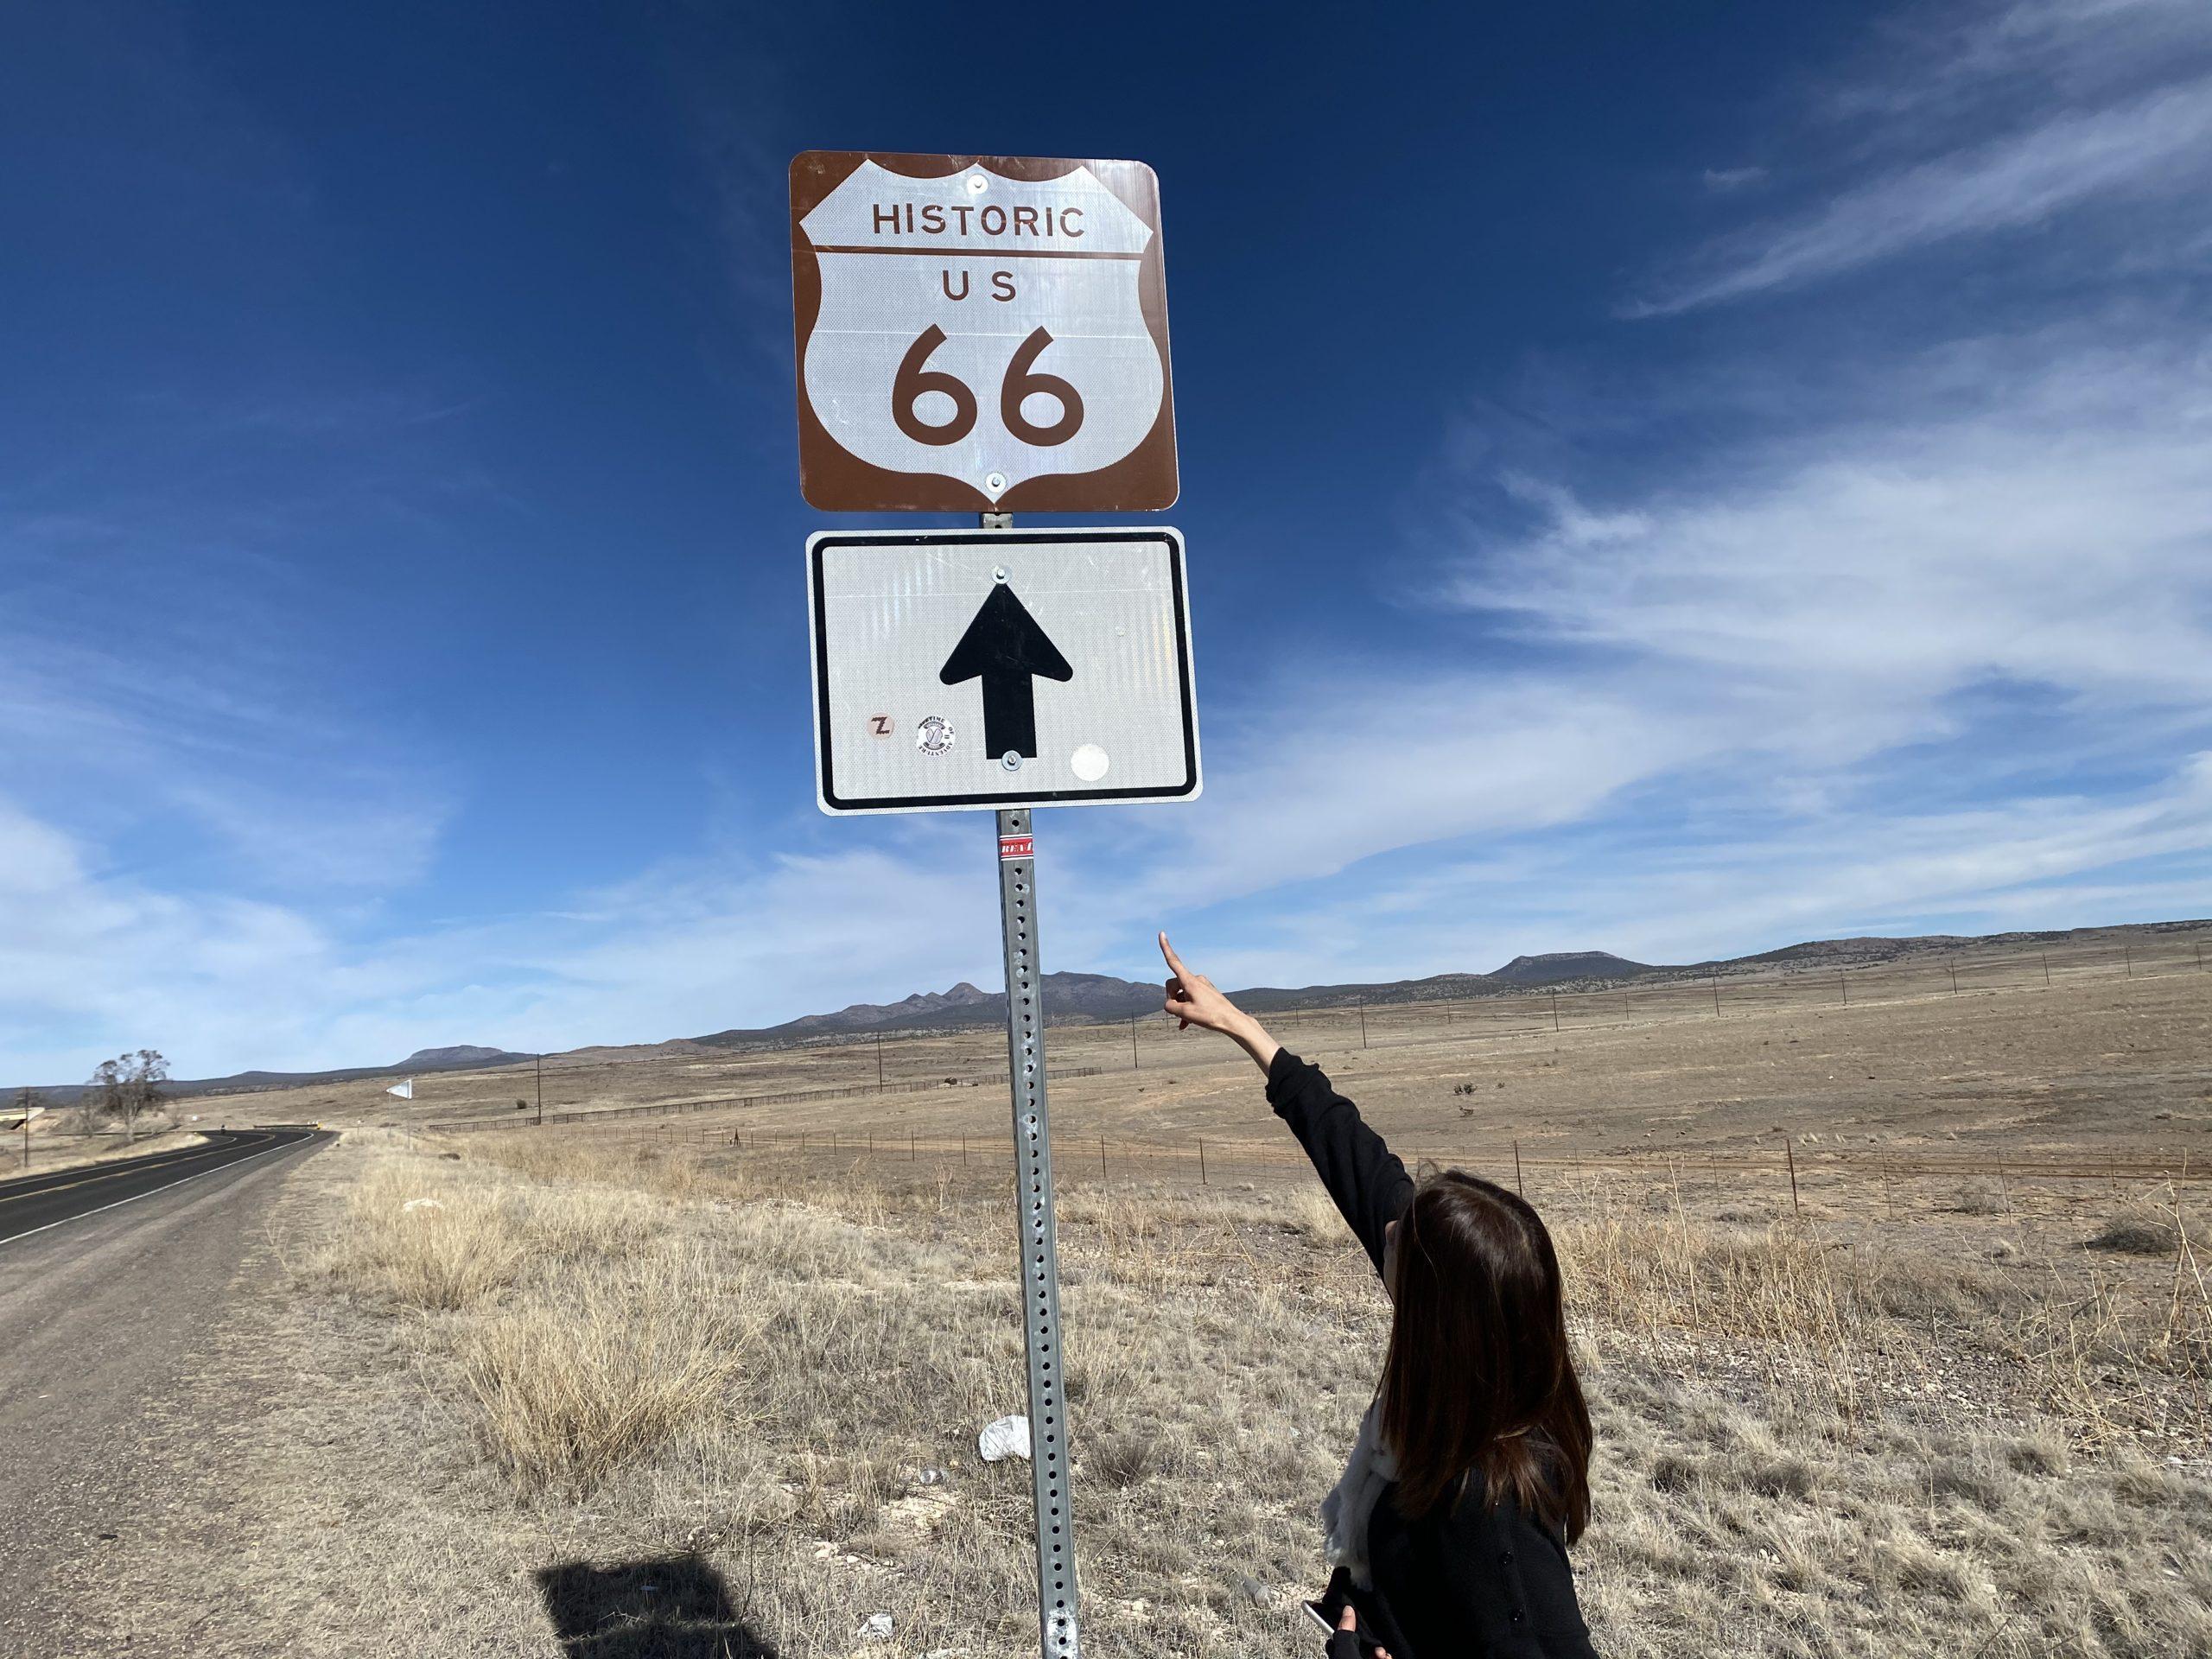 2020年 グランドサークルドライブ旅行5日目 セドナからルート66でラスベガスへ。